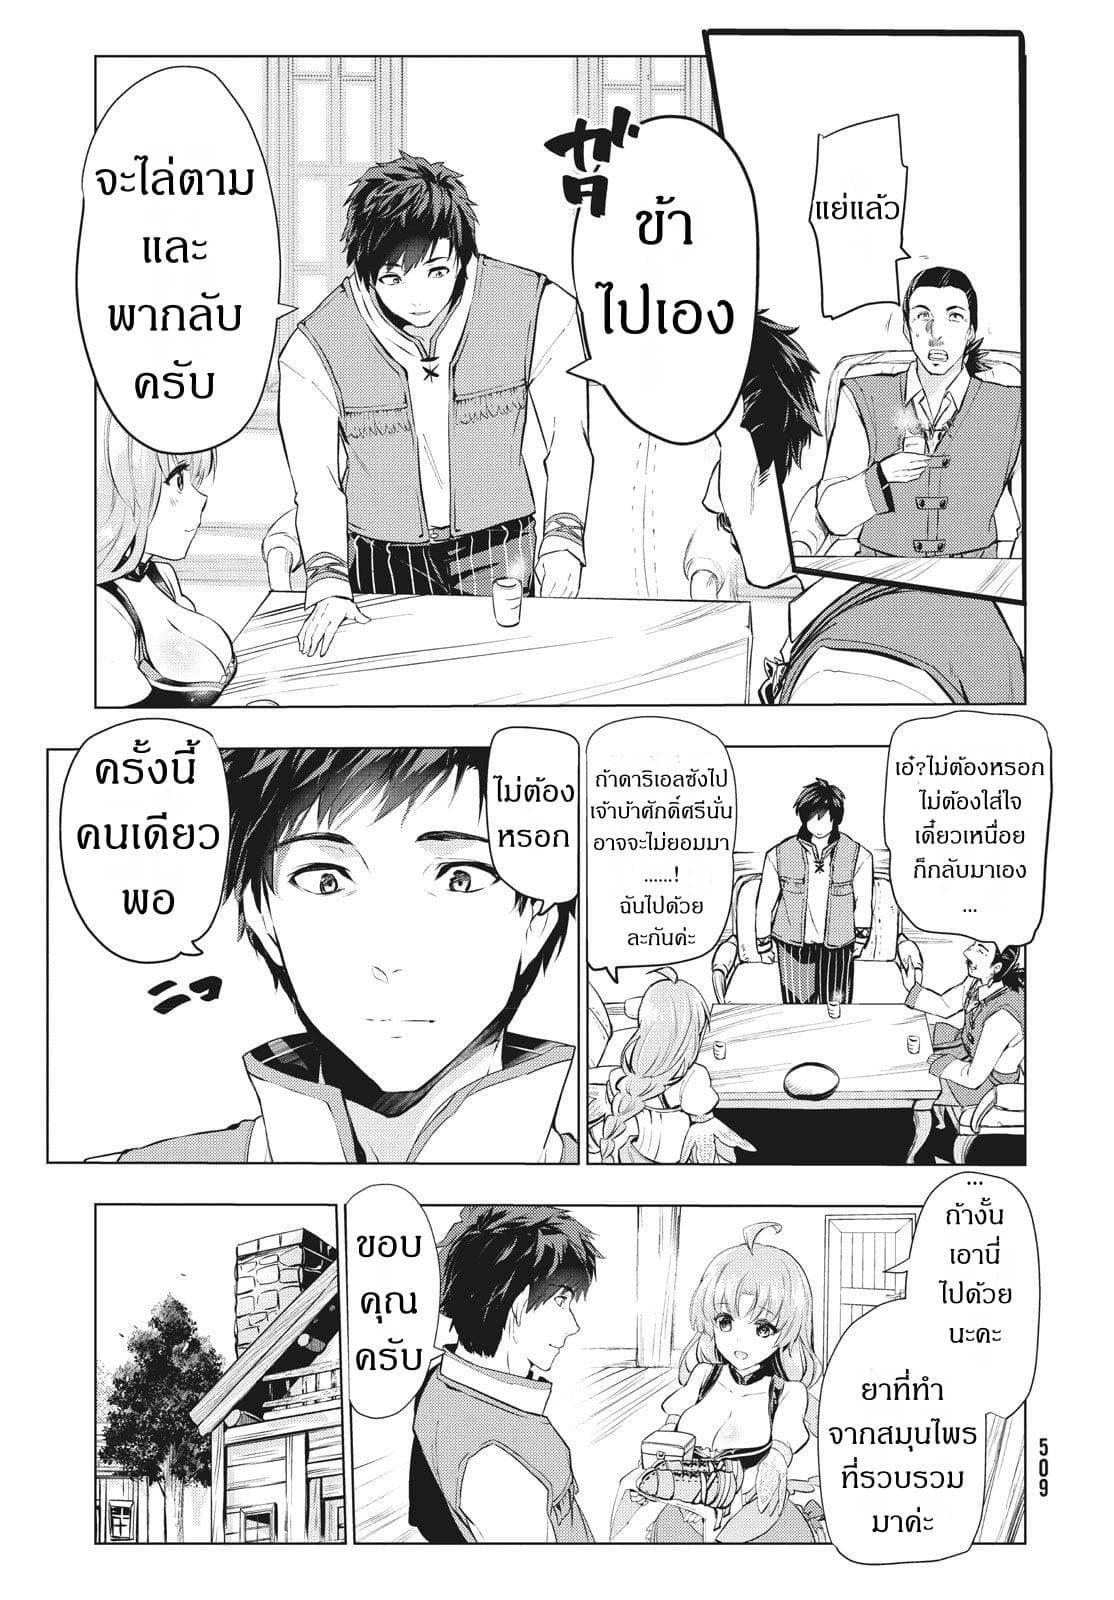 อ่านการ์ตูน Kaiko sareta Ankoku Heishi (30-dai) no Slow na Second ตอนที่ 3.4 หน้าที่ 9